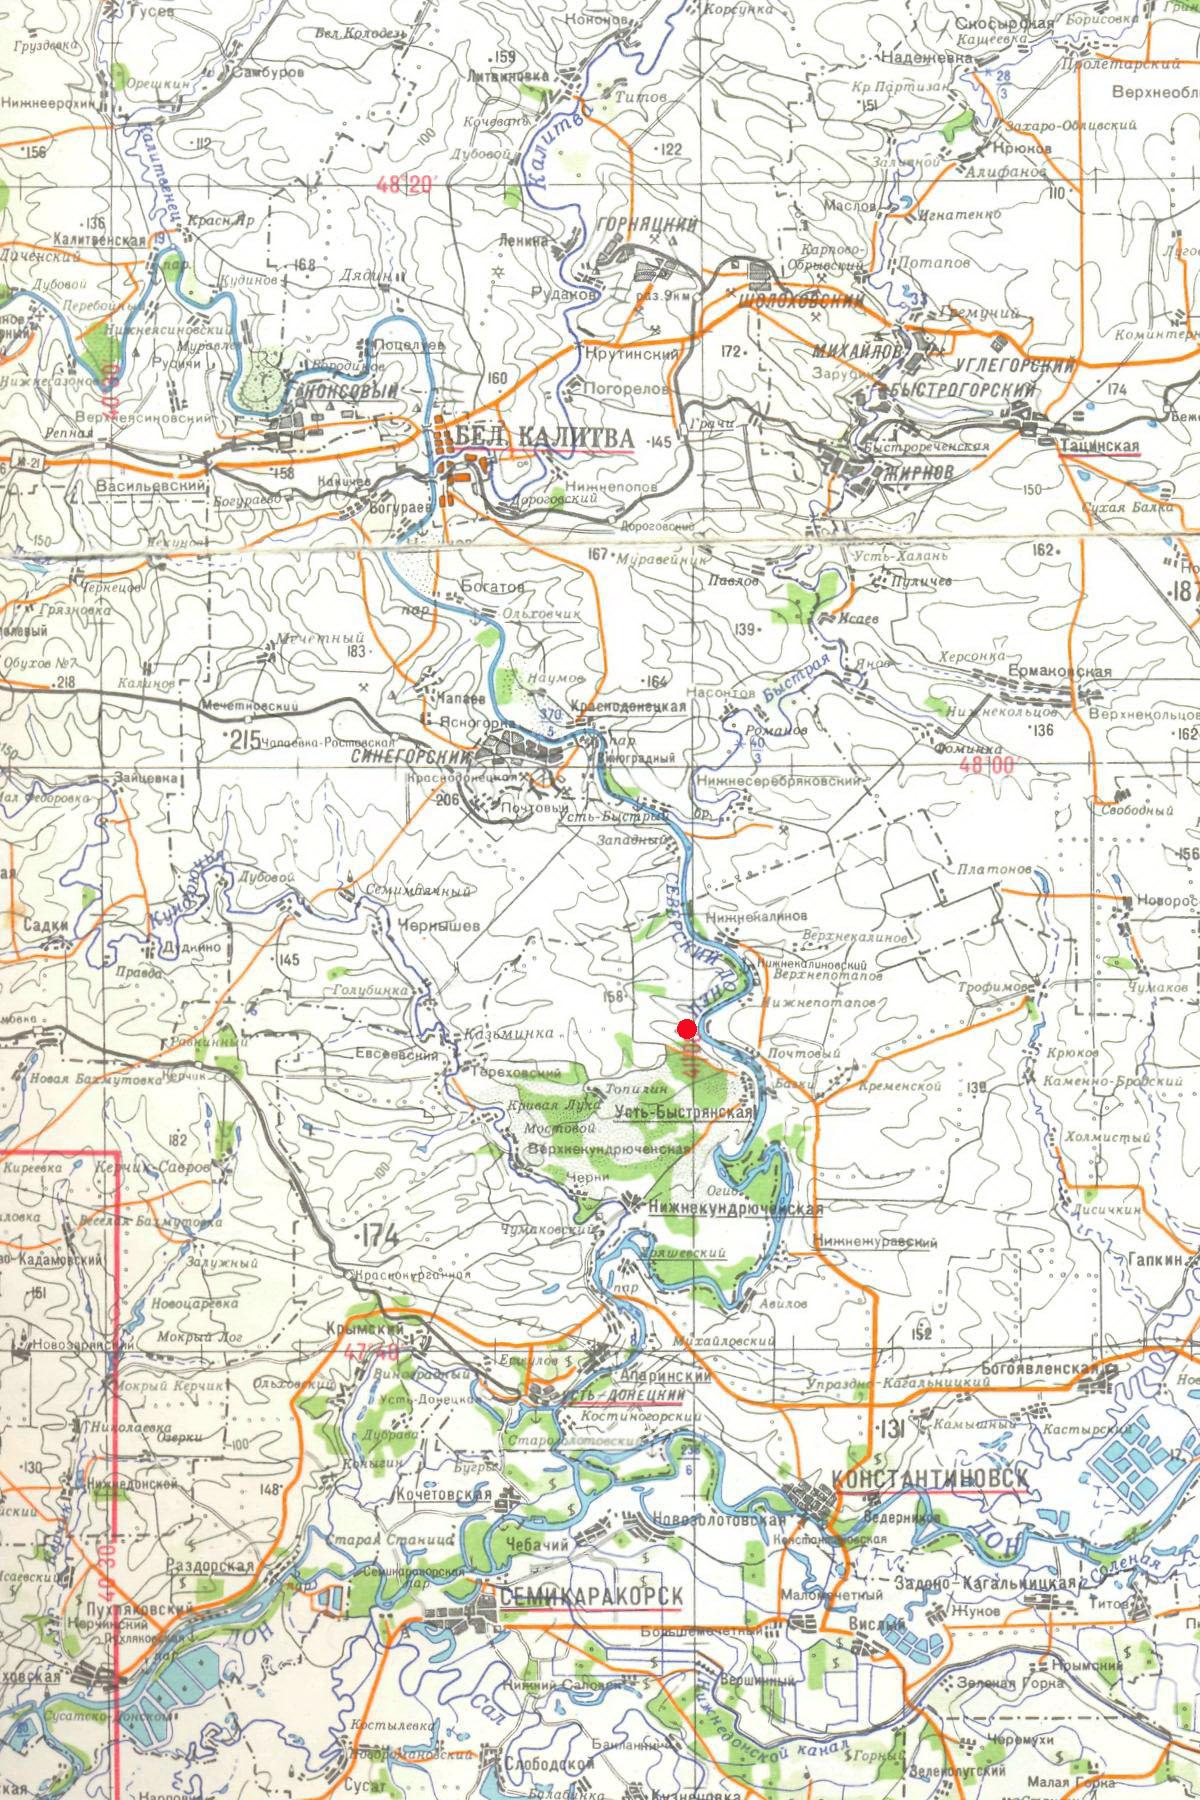 Где находится исток северский донец